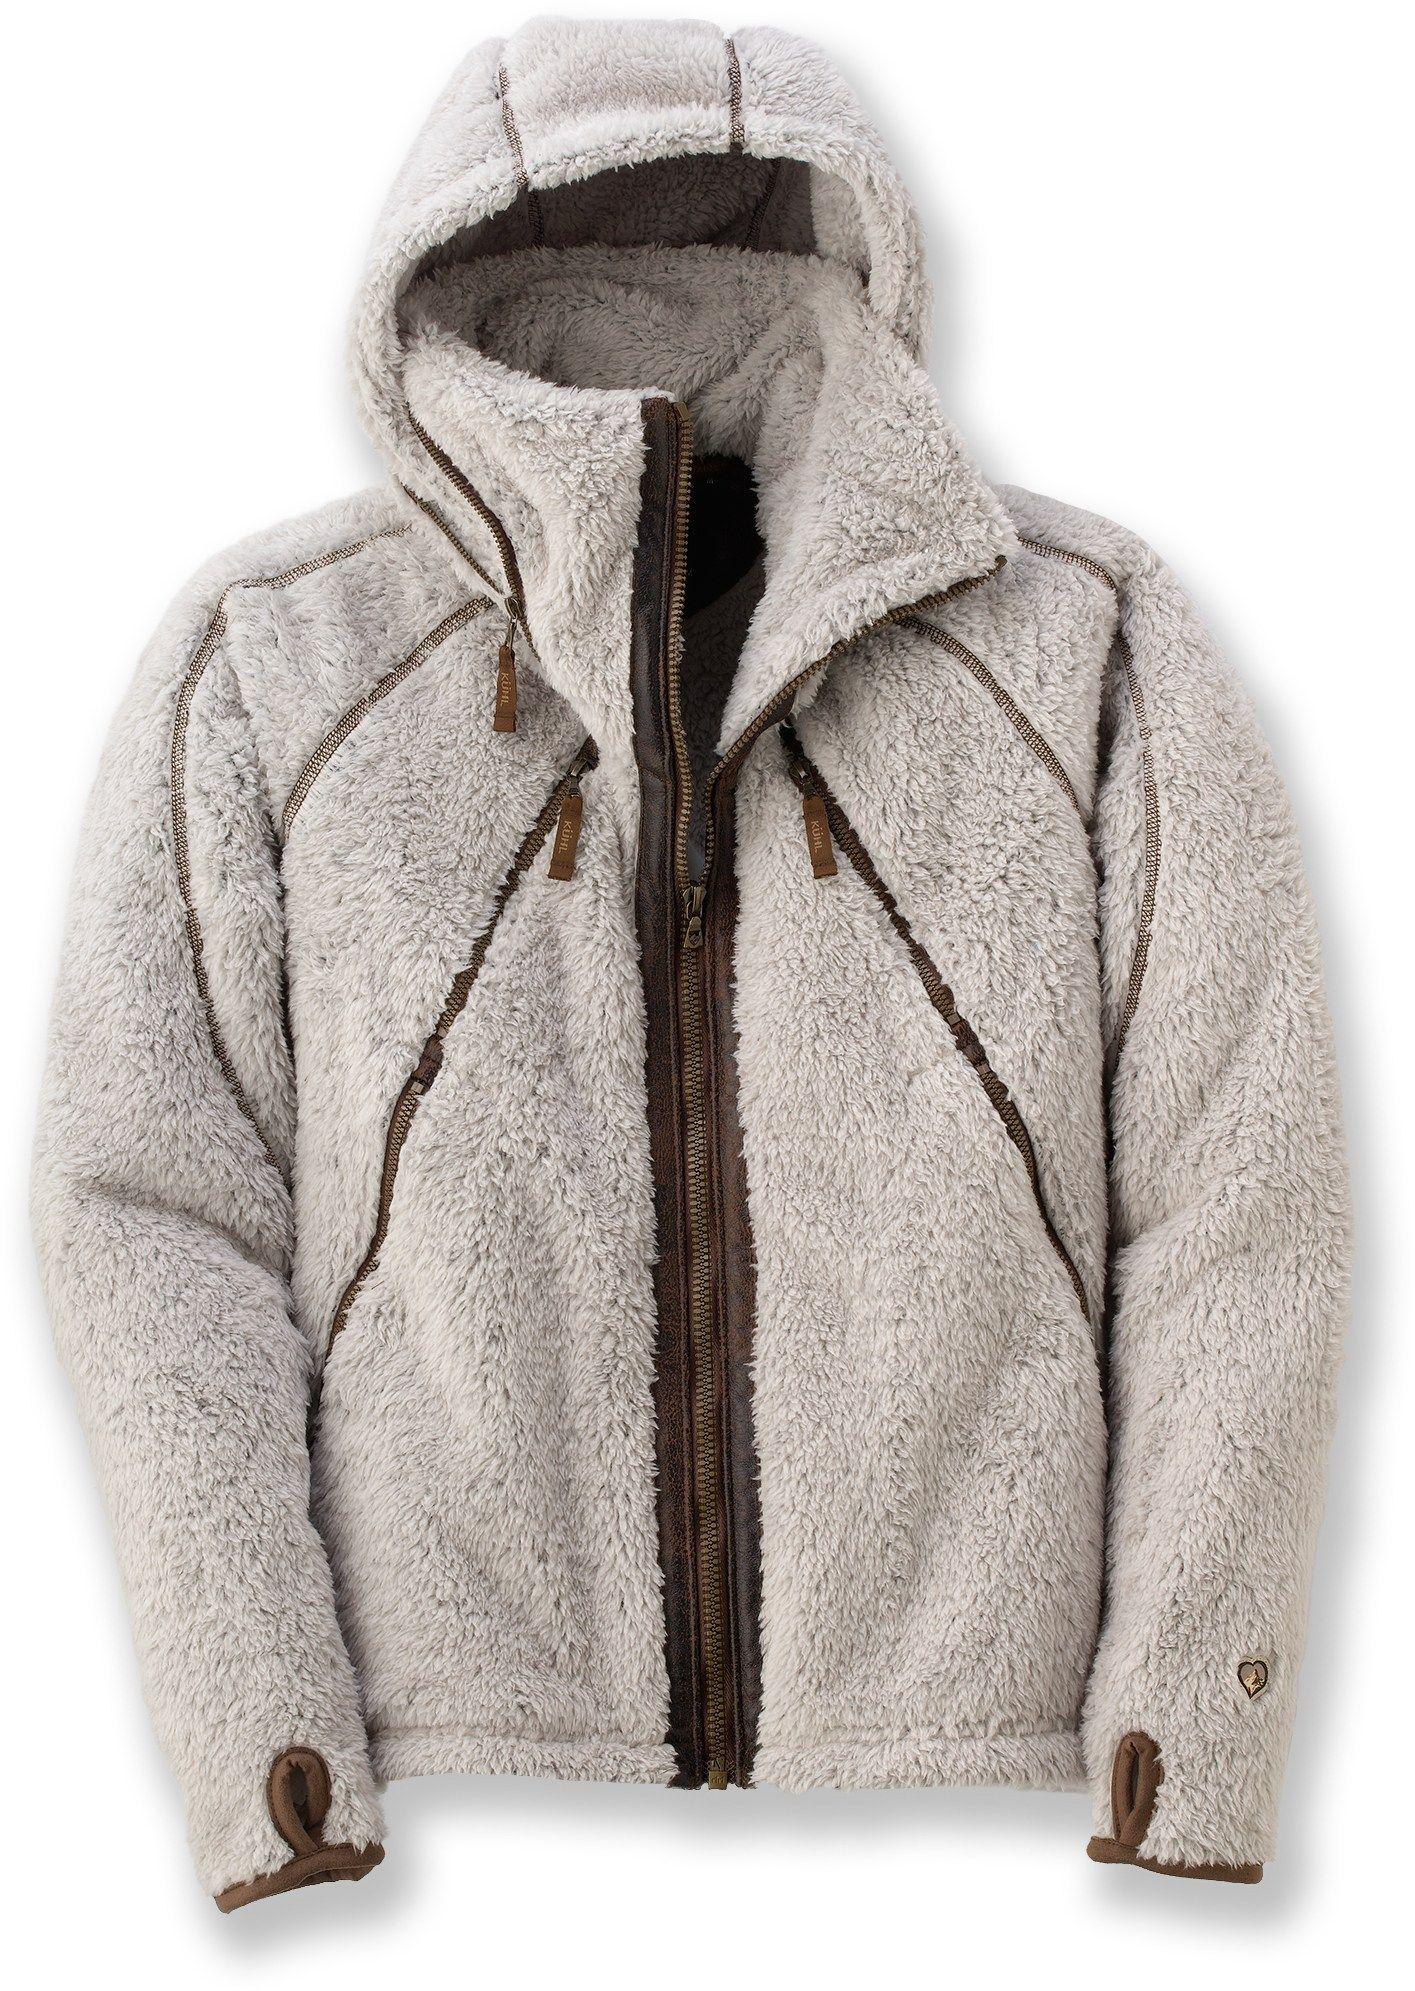 KUHL Flight Fleece Jacket - Women's | REI Co-op in 2019 ...